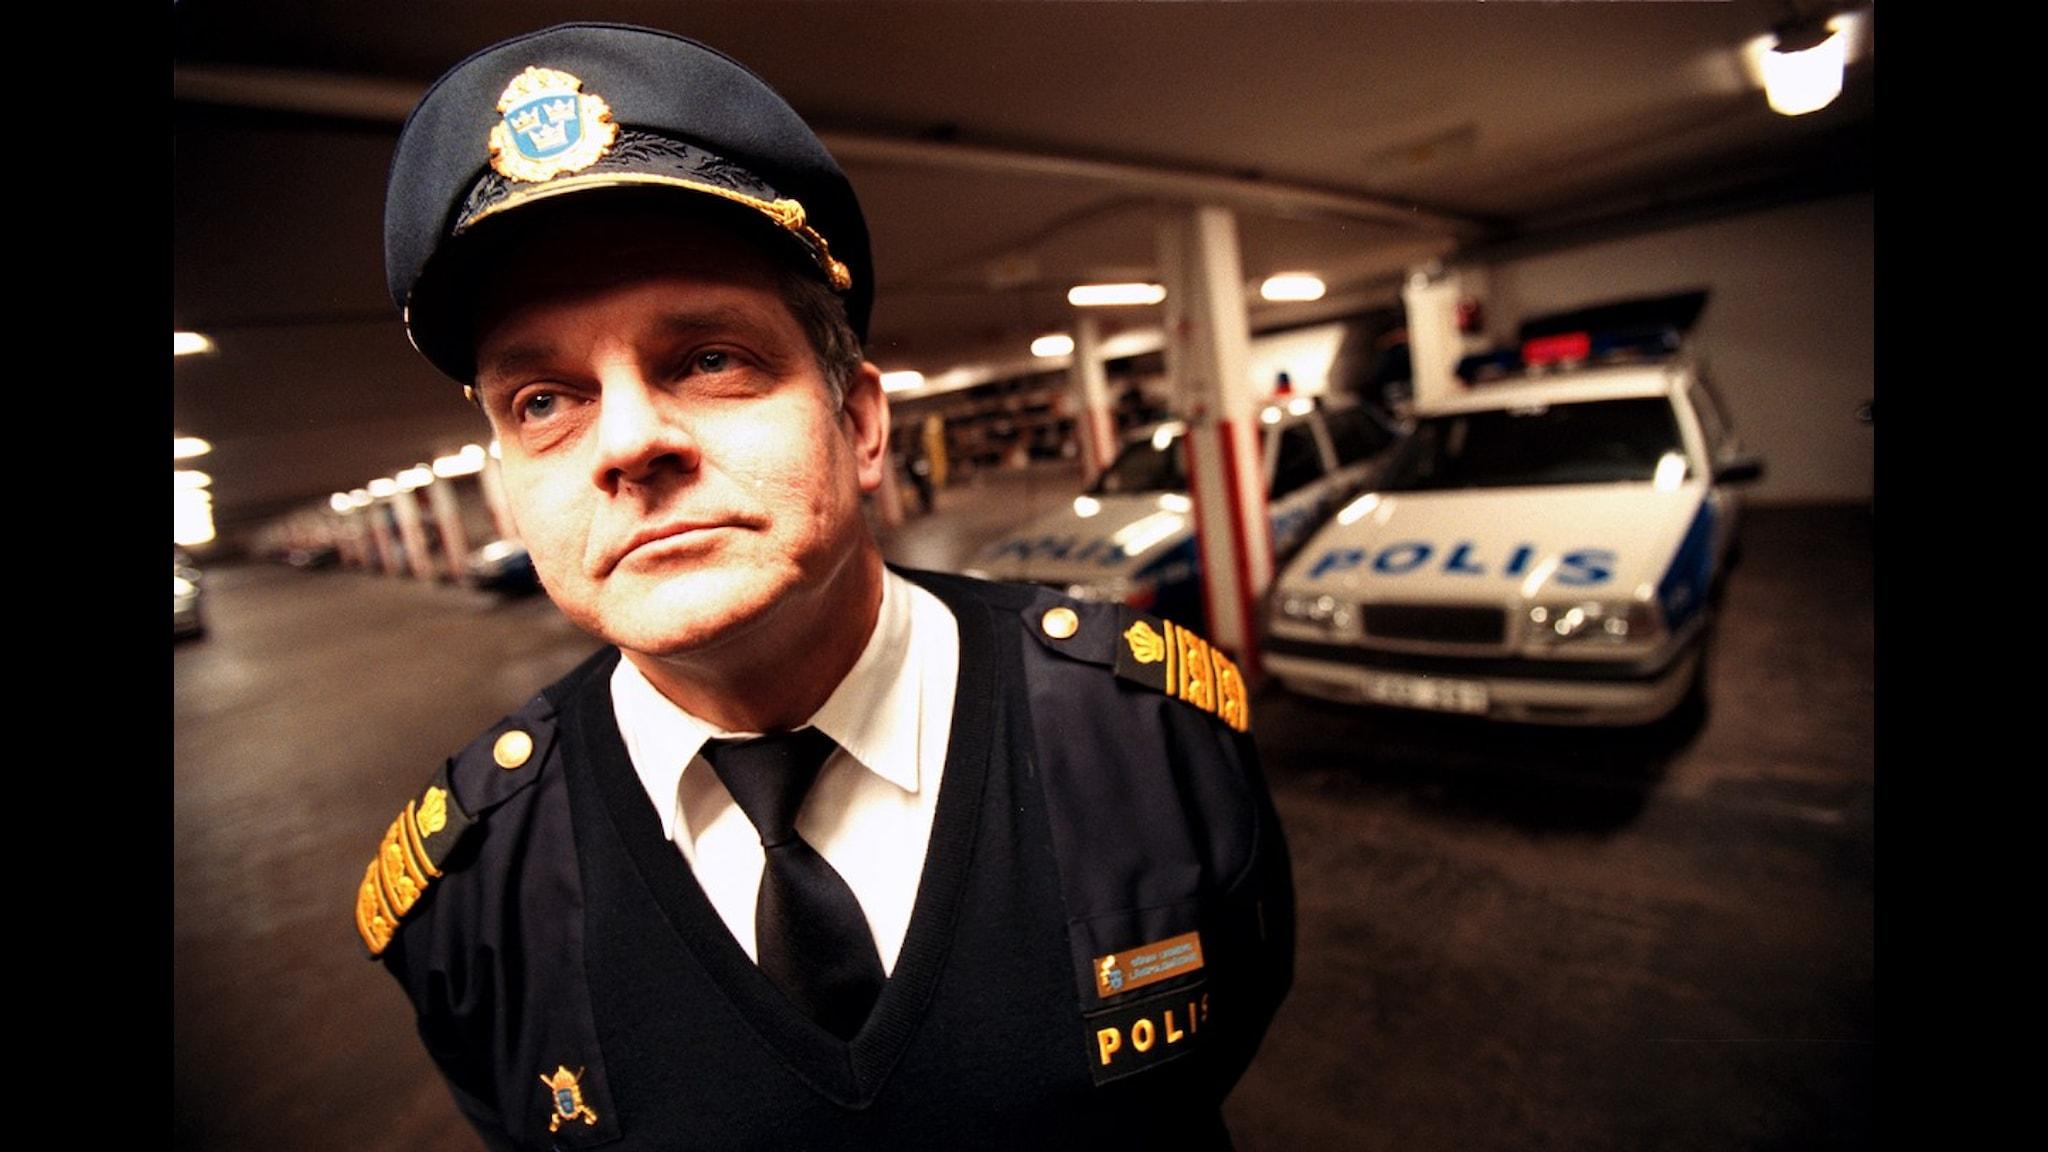 Göran Lindberg, länspolismästare i Uppsala län. kallas även Kapten klänning för sin starka kamp för jämställdhet i poliskåren. Foto: Anette Nantell/Scanpix.